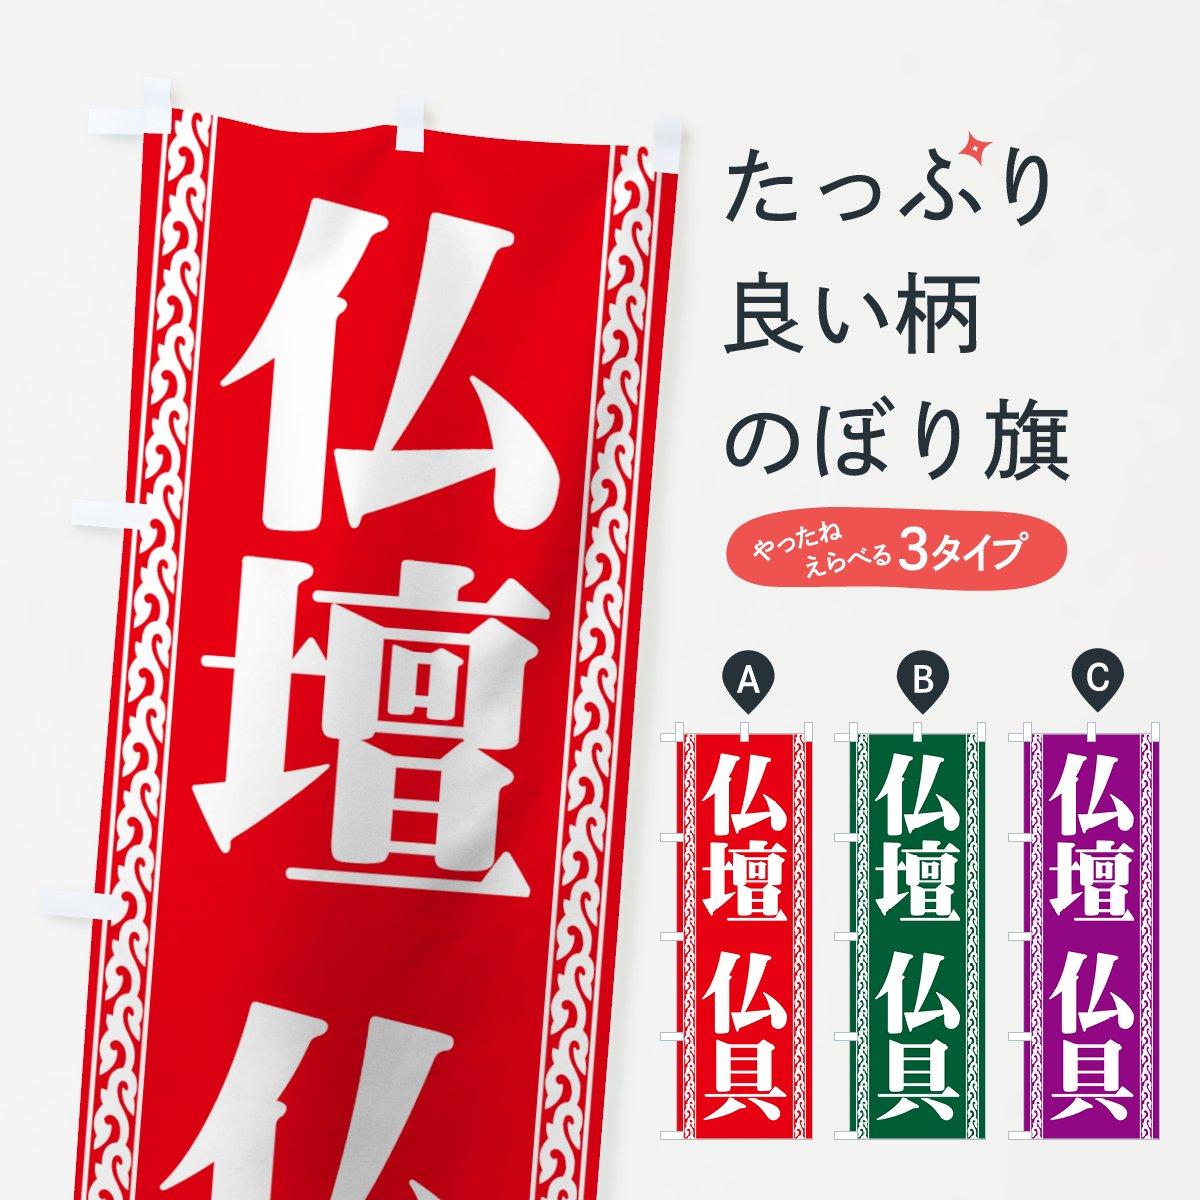 仏壇仏具のぼり旗